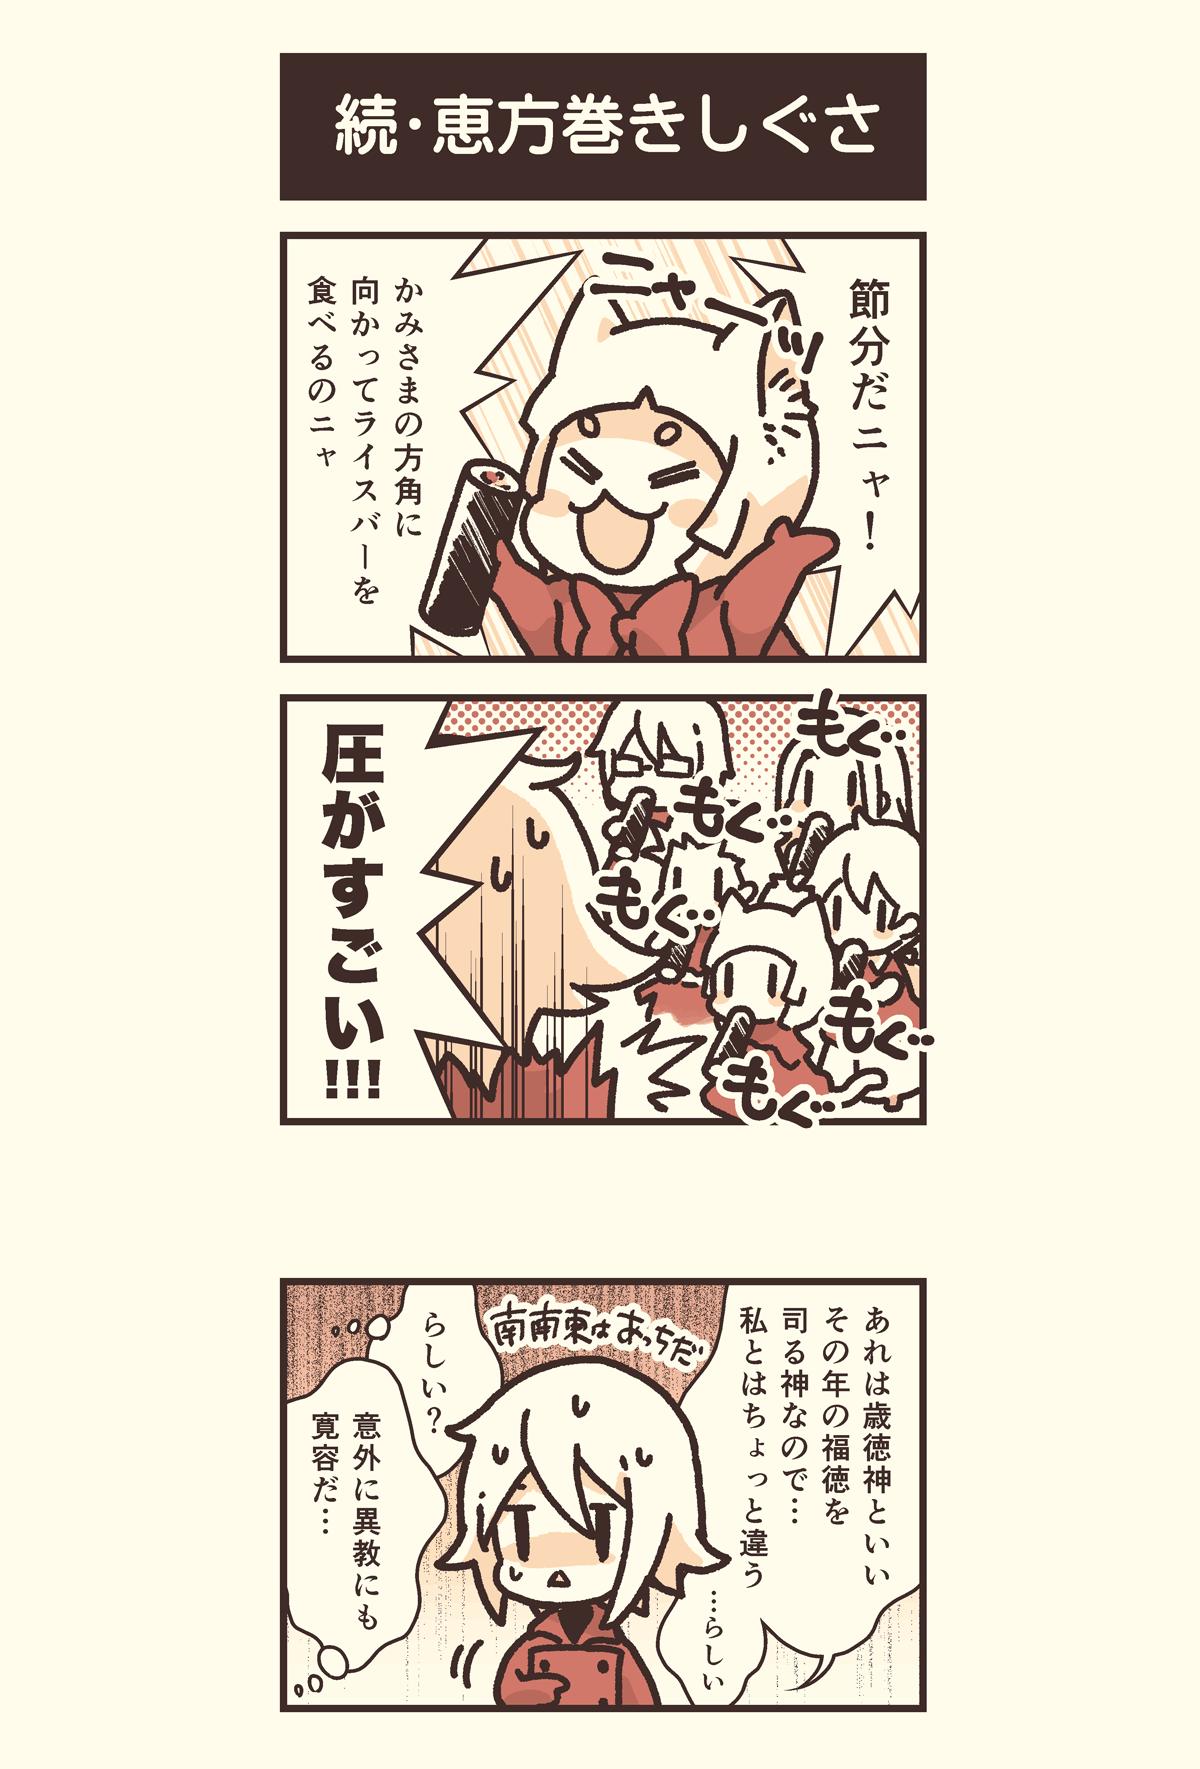 恵方巻き3コマ2021ブログ用